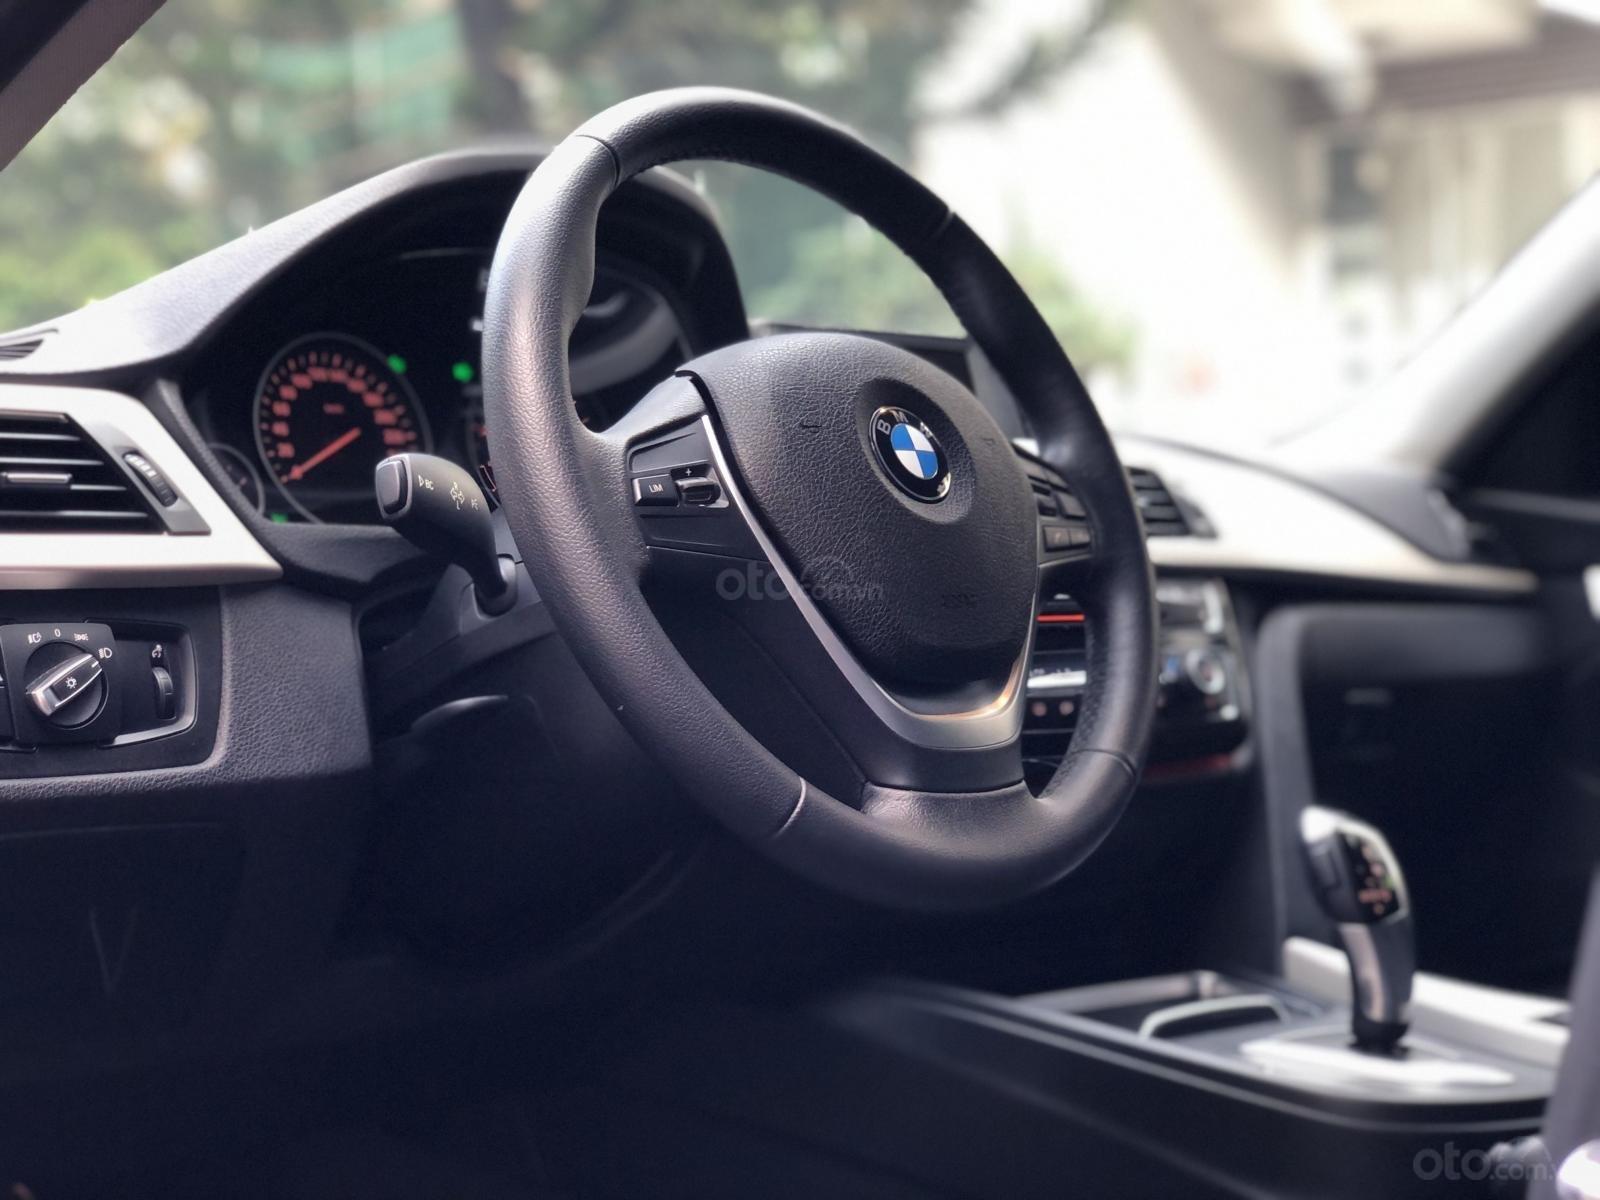 Bán BMW 3 Series năm 2016, màu xanh lam mới 95% giá chỉ 1 tỷ 139 triệu đồng (19)